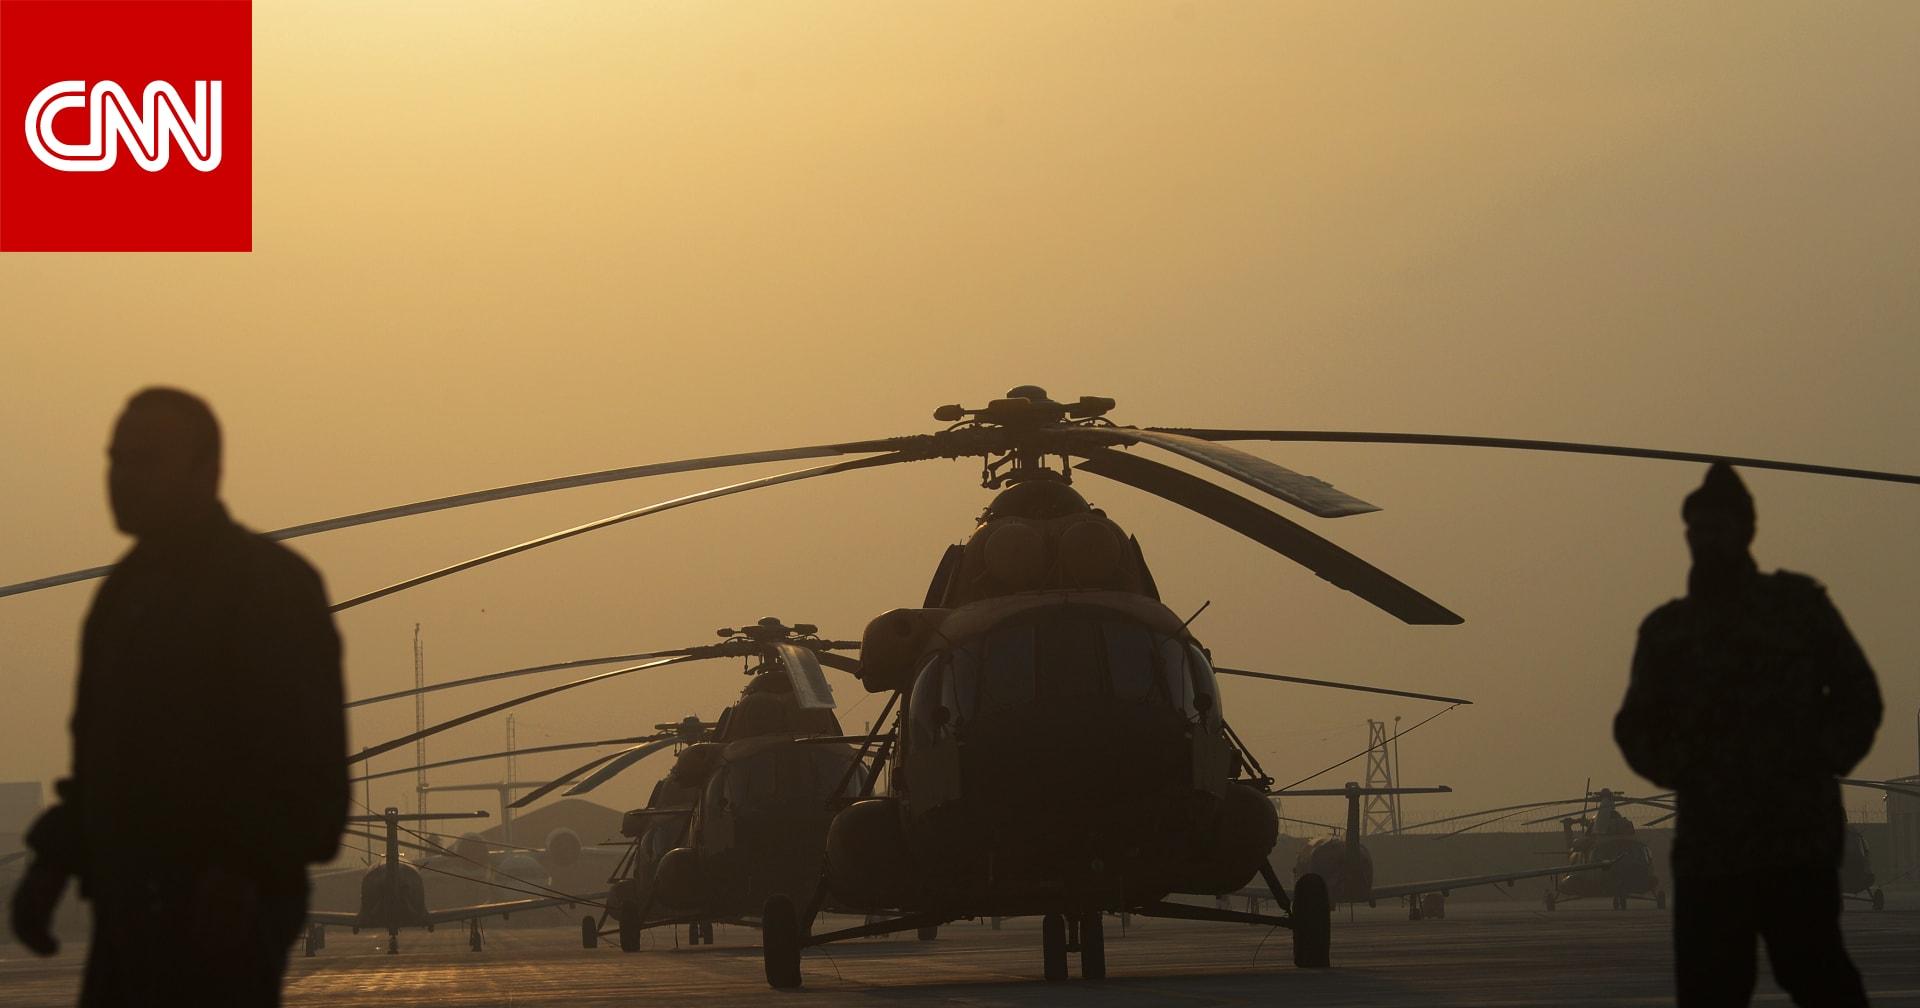 الانسحاب من أفغانستان: وزيرا دفاع تركيا وأمريكا يبحثان خطط تأمين أنقرة مطار كابول